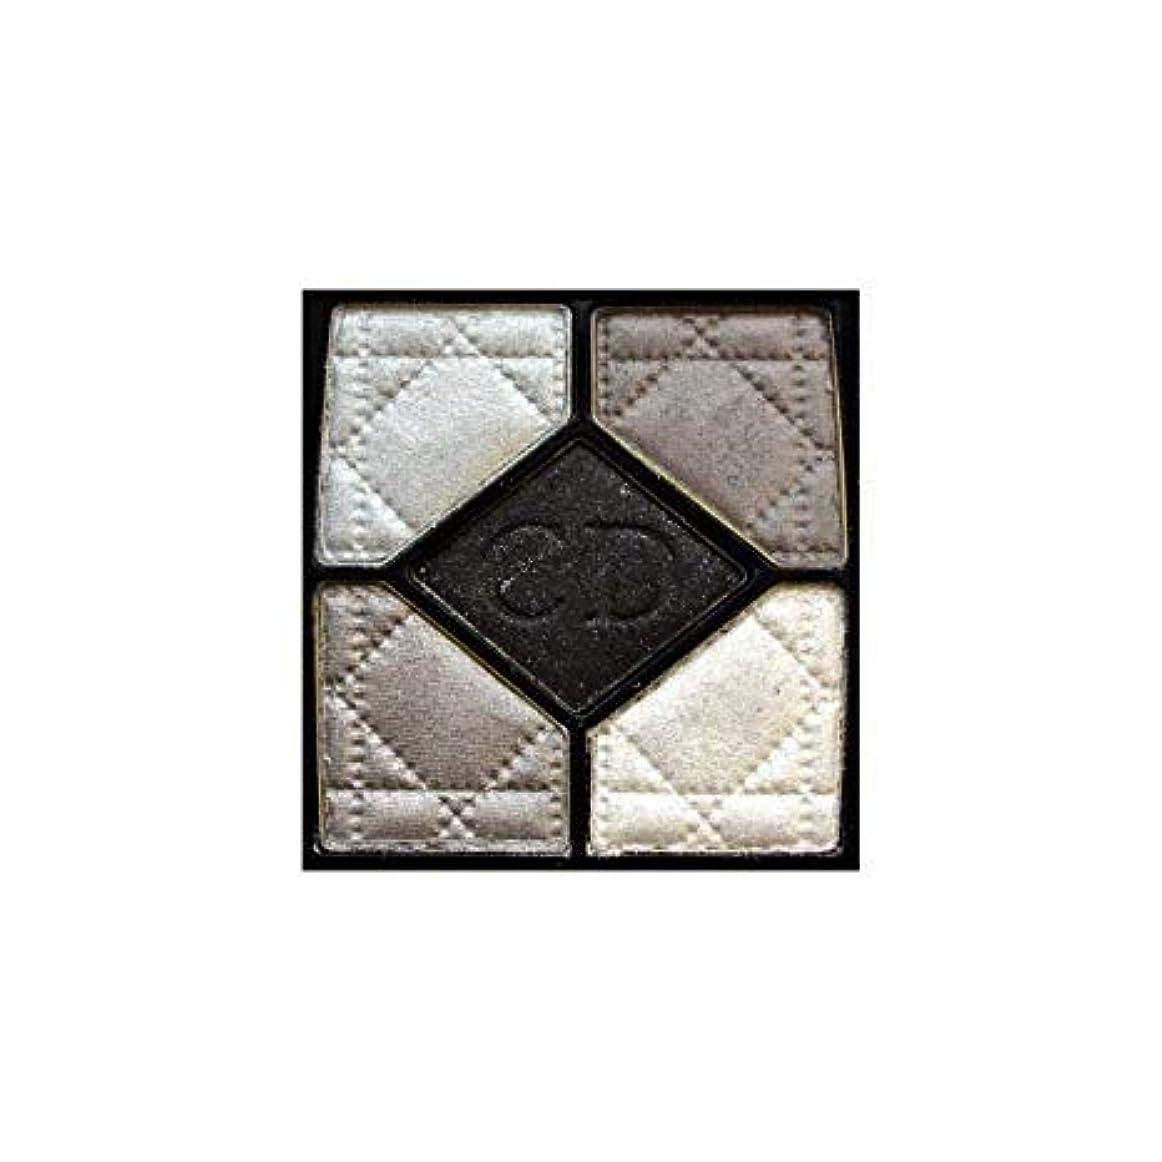 スライス車国【クリスチャン ディオール】サンク クルール デザイナー #208 ネイビー デザイン 5.7g [並行輸入品]